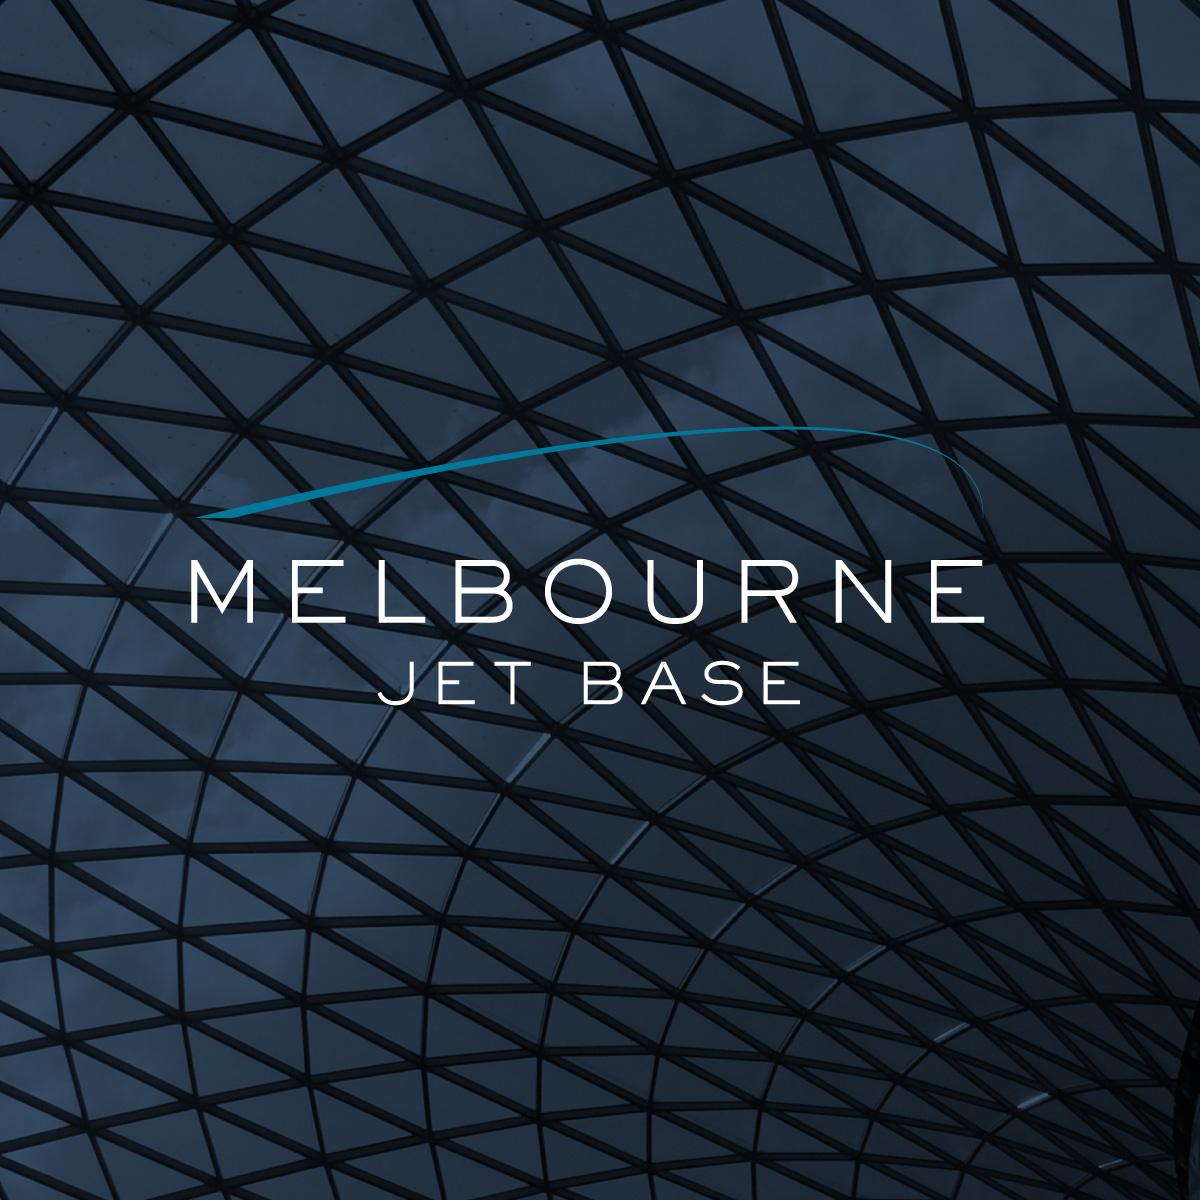 Melbourne Jet Base Brand Identity